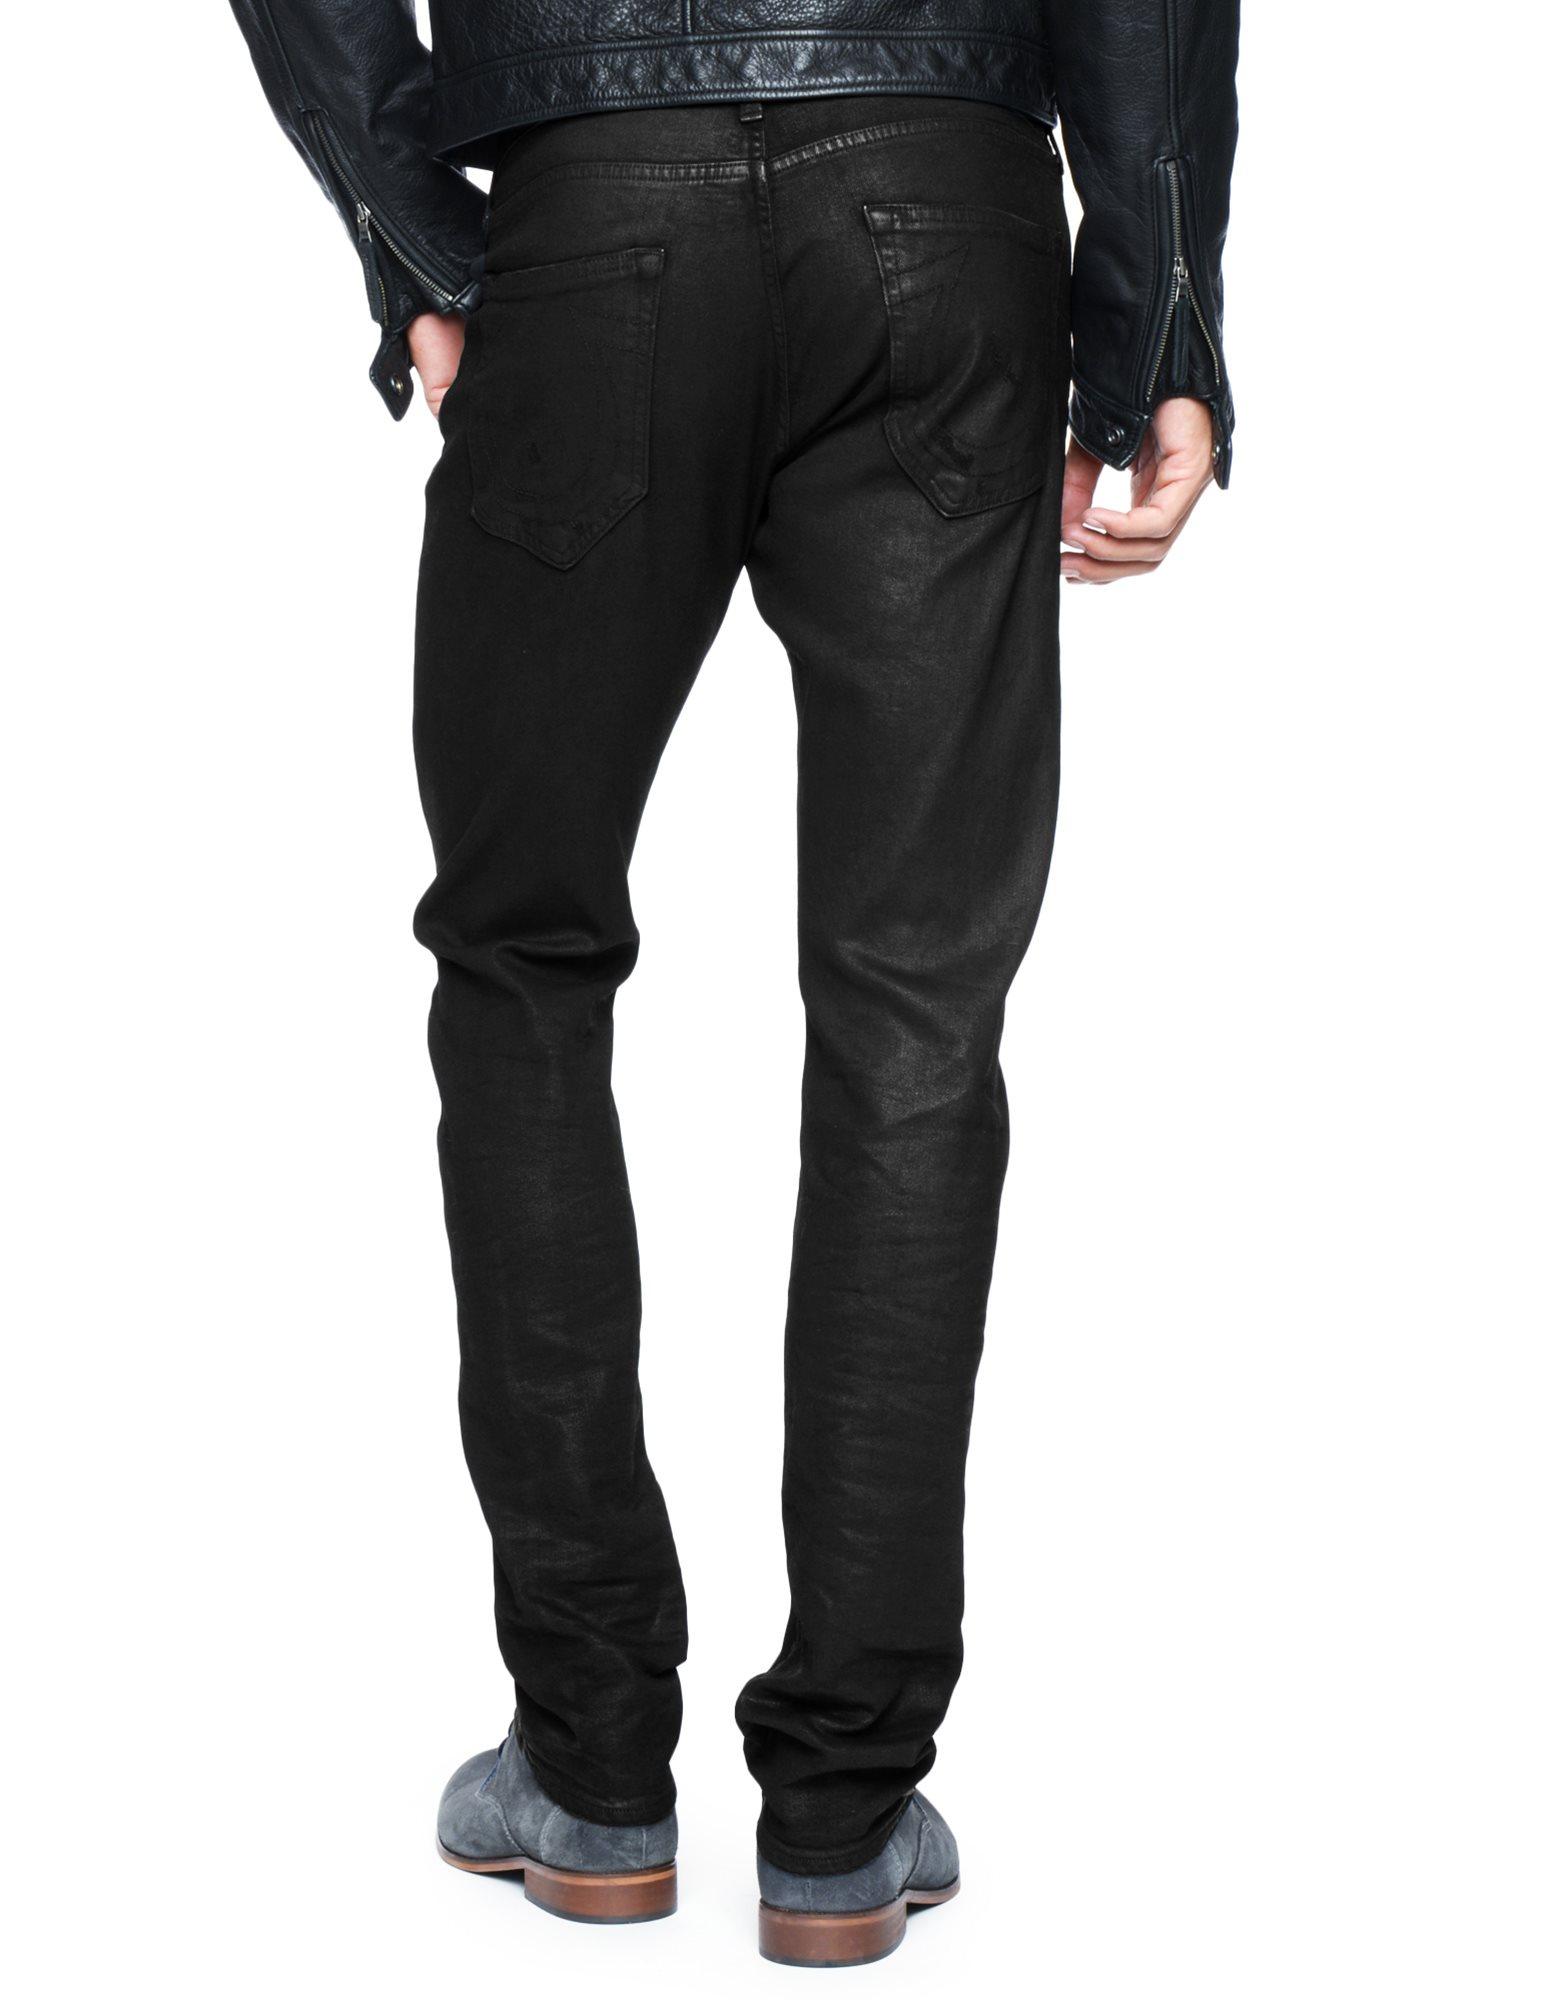 True religion Geno Relaxed Slim Black Mens Jean in Black ...